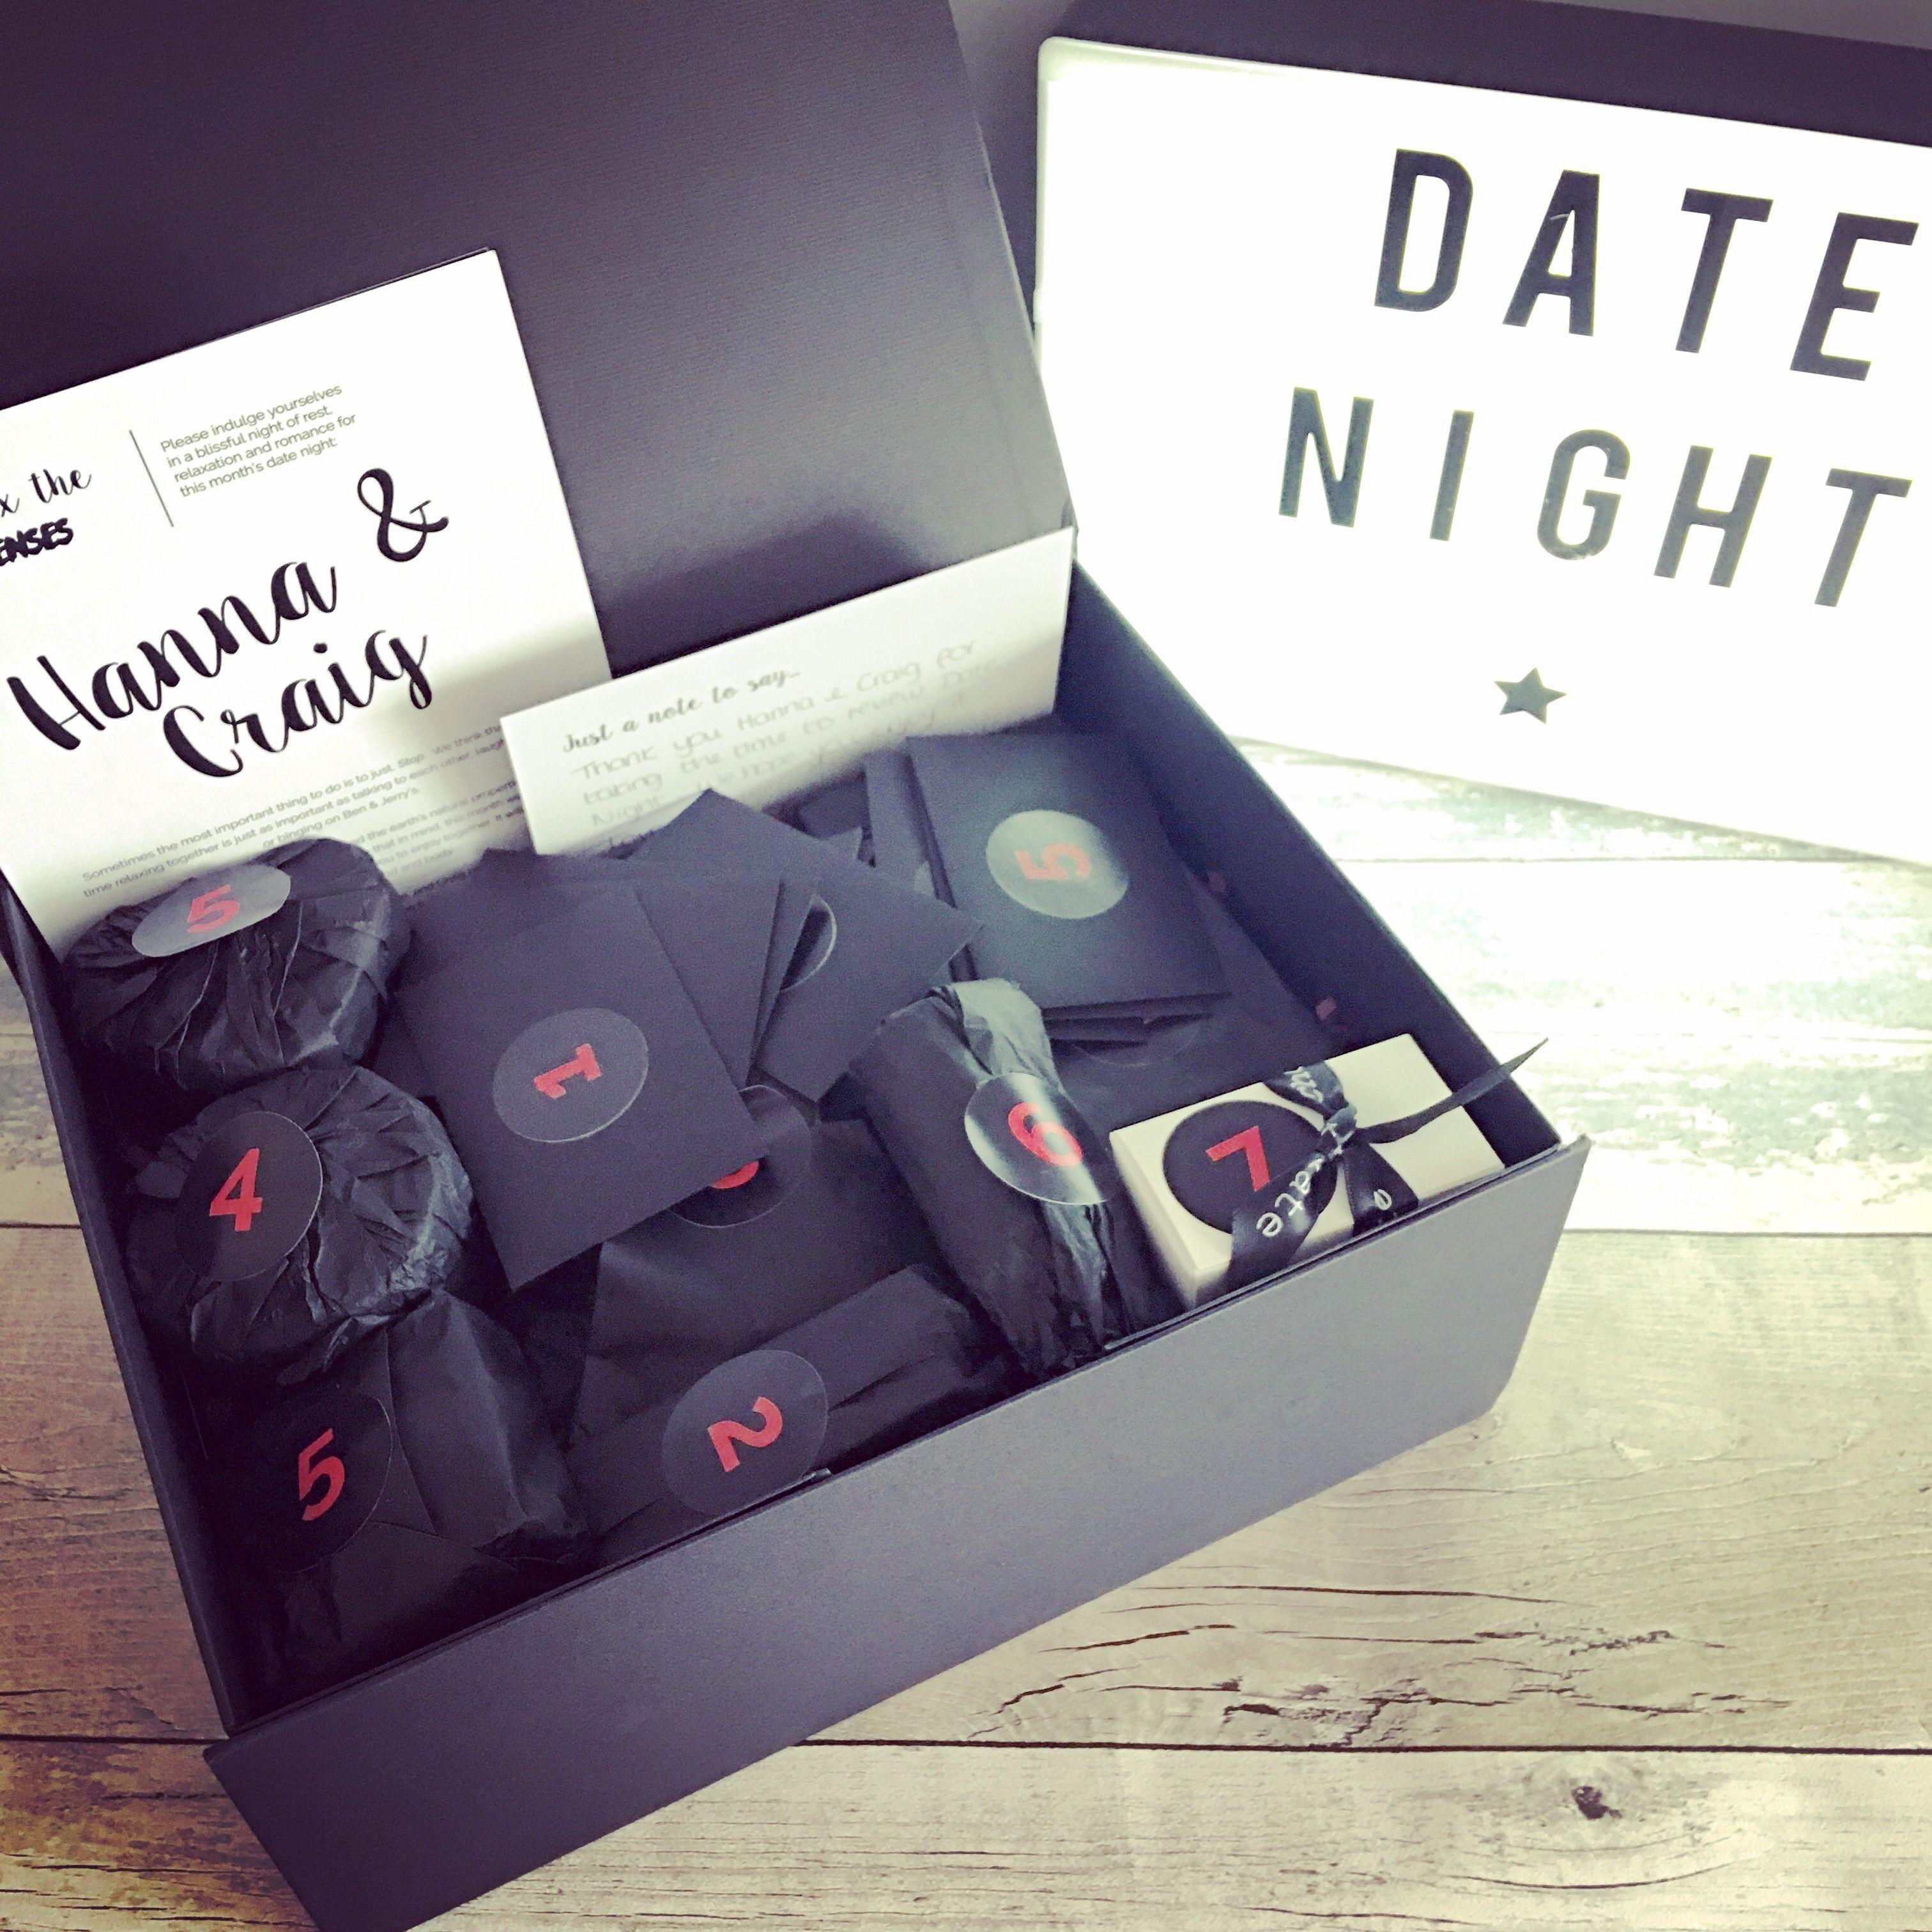 Brilliant Idea For A Subscription Box Date Night Date Night Gifts Mystery Box Subscription Gifts